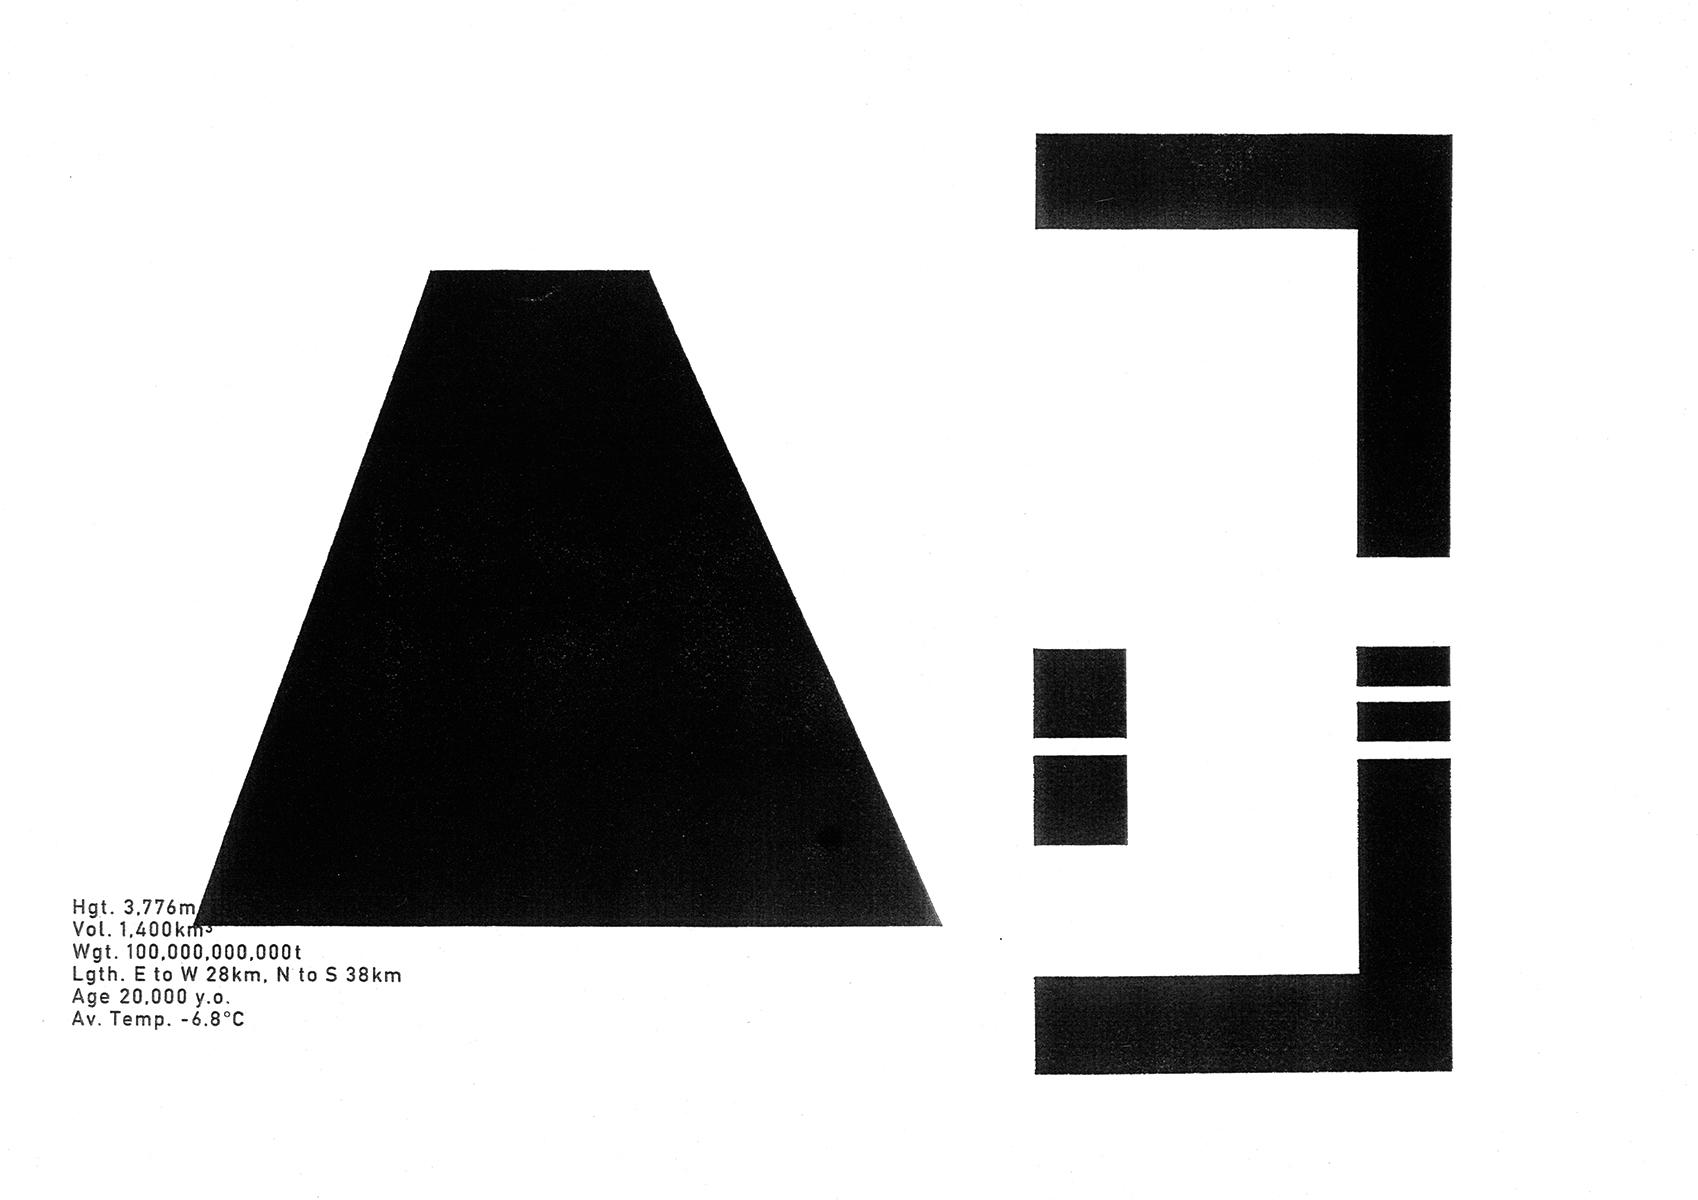 仲條正義「フジのヤマイ」2002